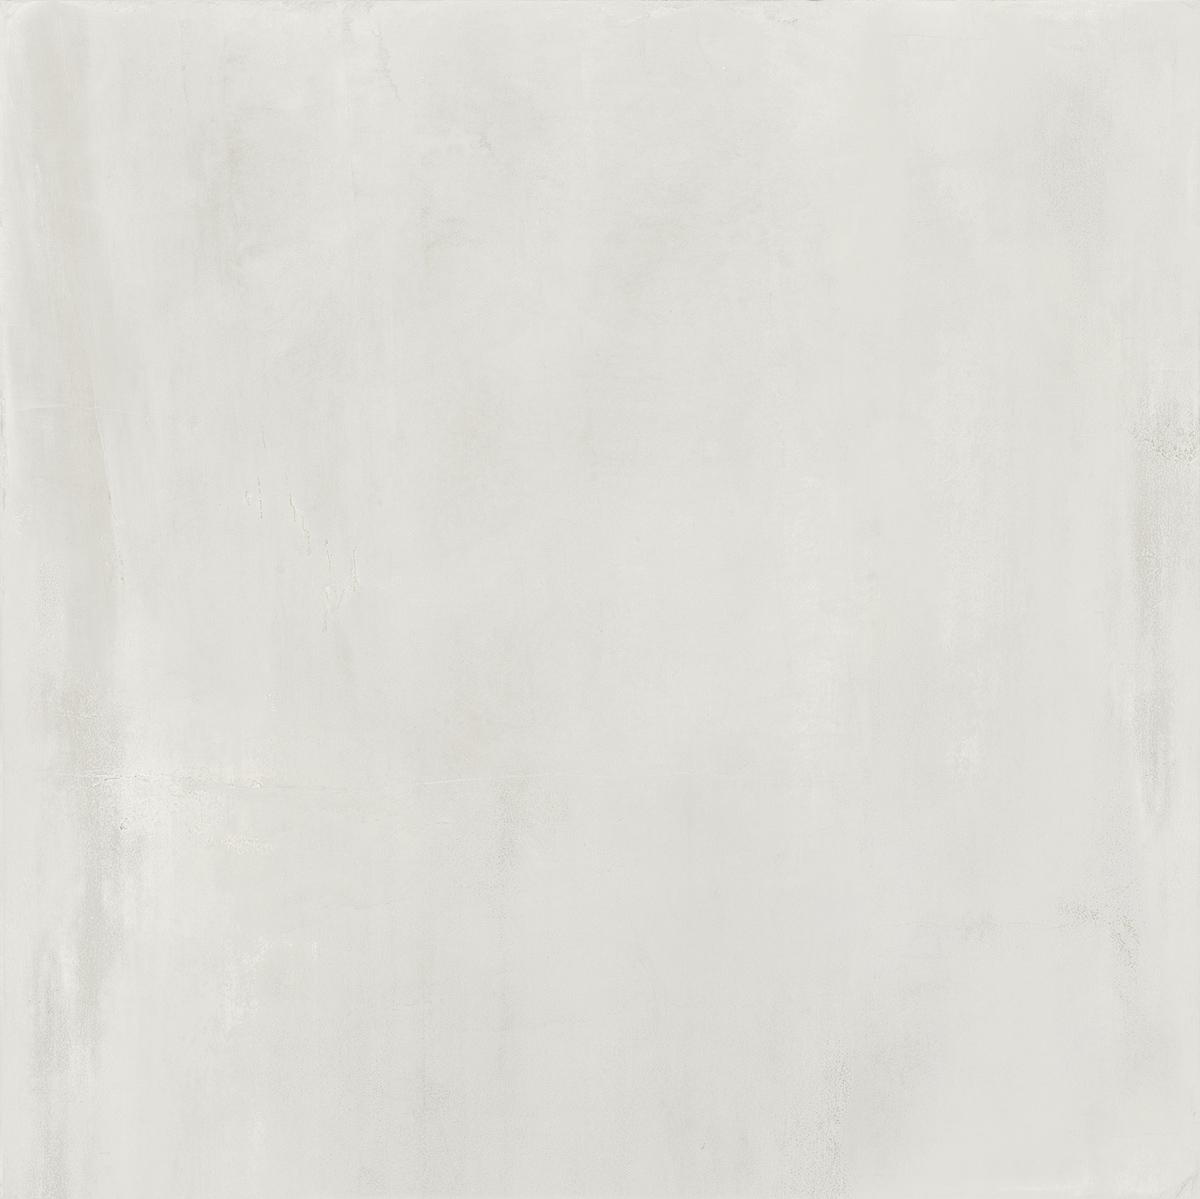 0591718, Cocoon, Valkoinen, lattia,pakkasenkesto,liukastumisenesto,uimahalli